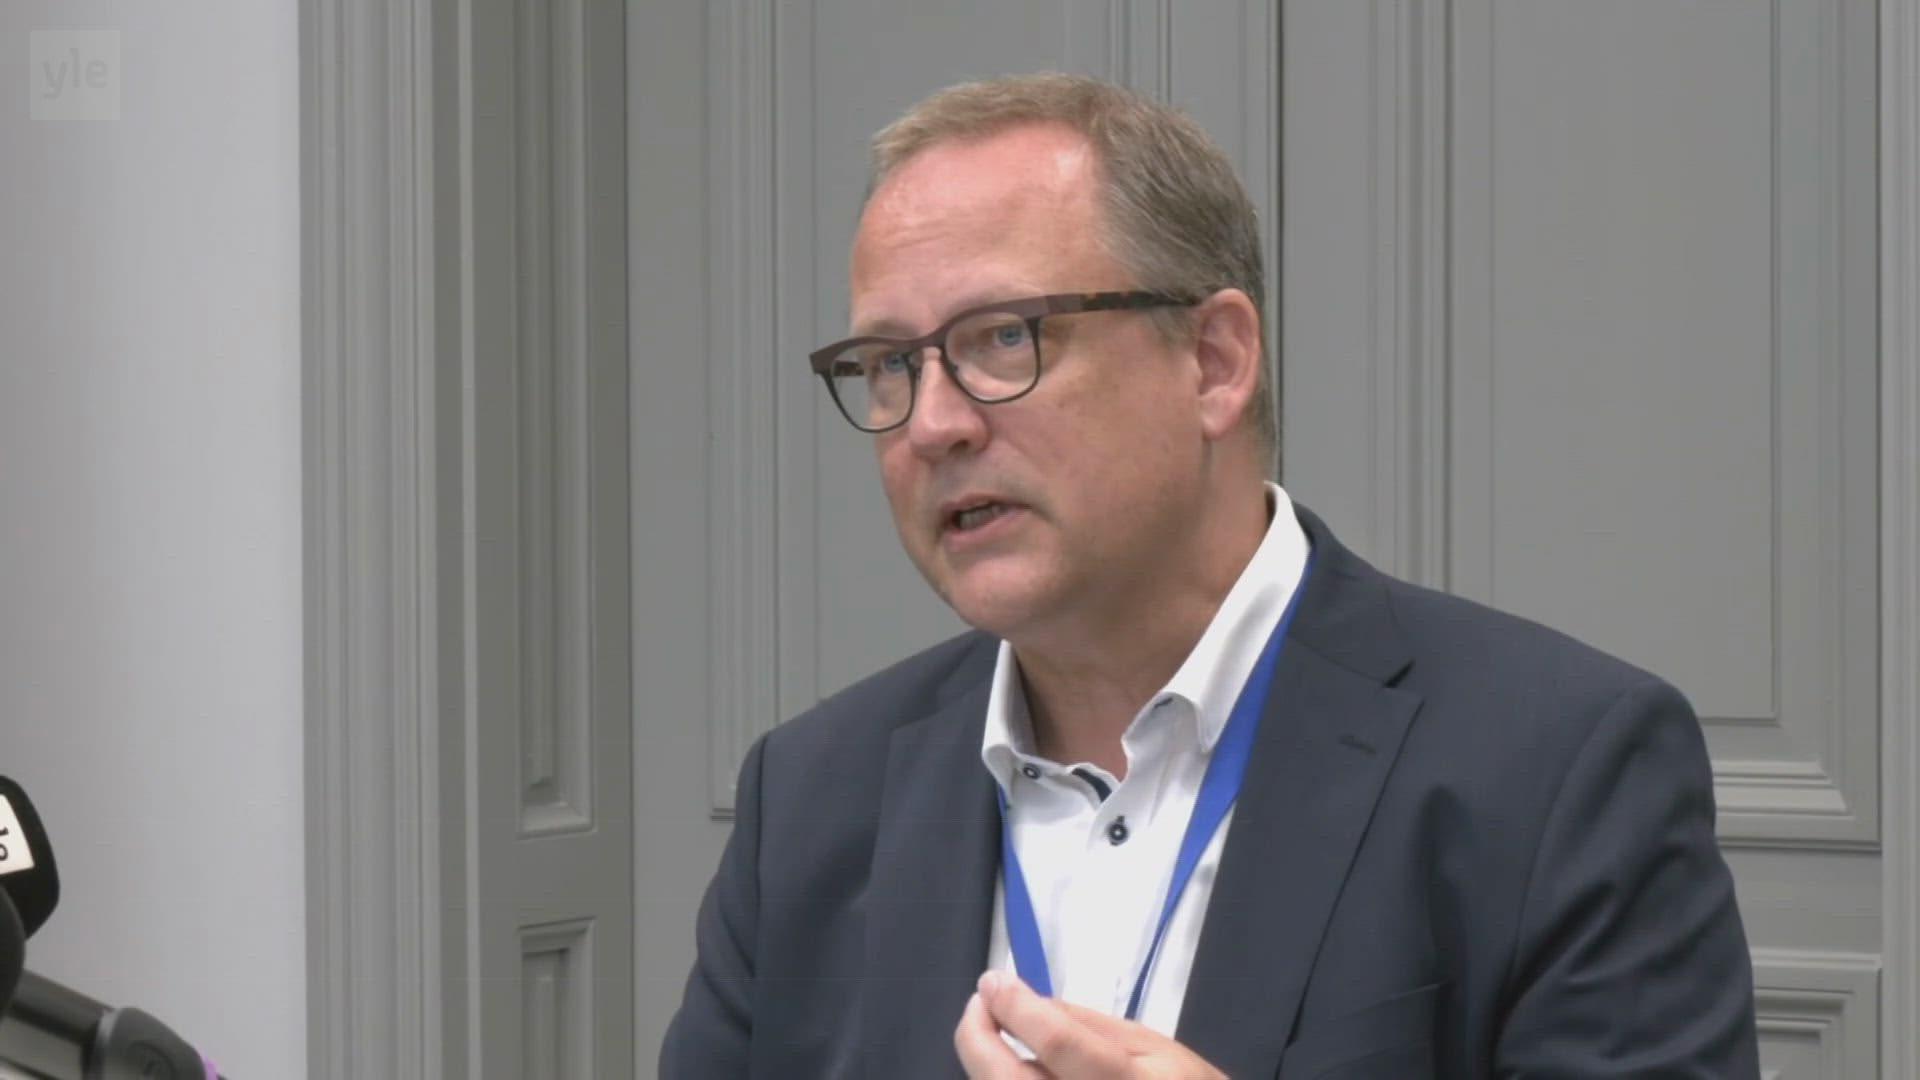 Kaupunginjohtaja Tomas Häyryn mukaan Vaasan suunnitelmat ovat globaalisstikin ainutlaatuiset